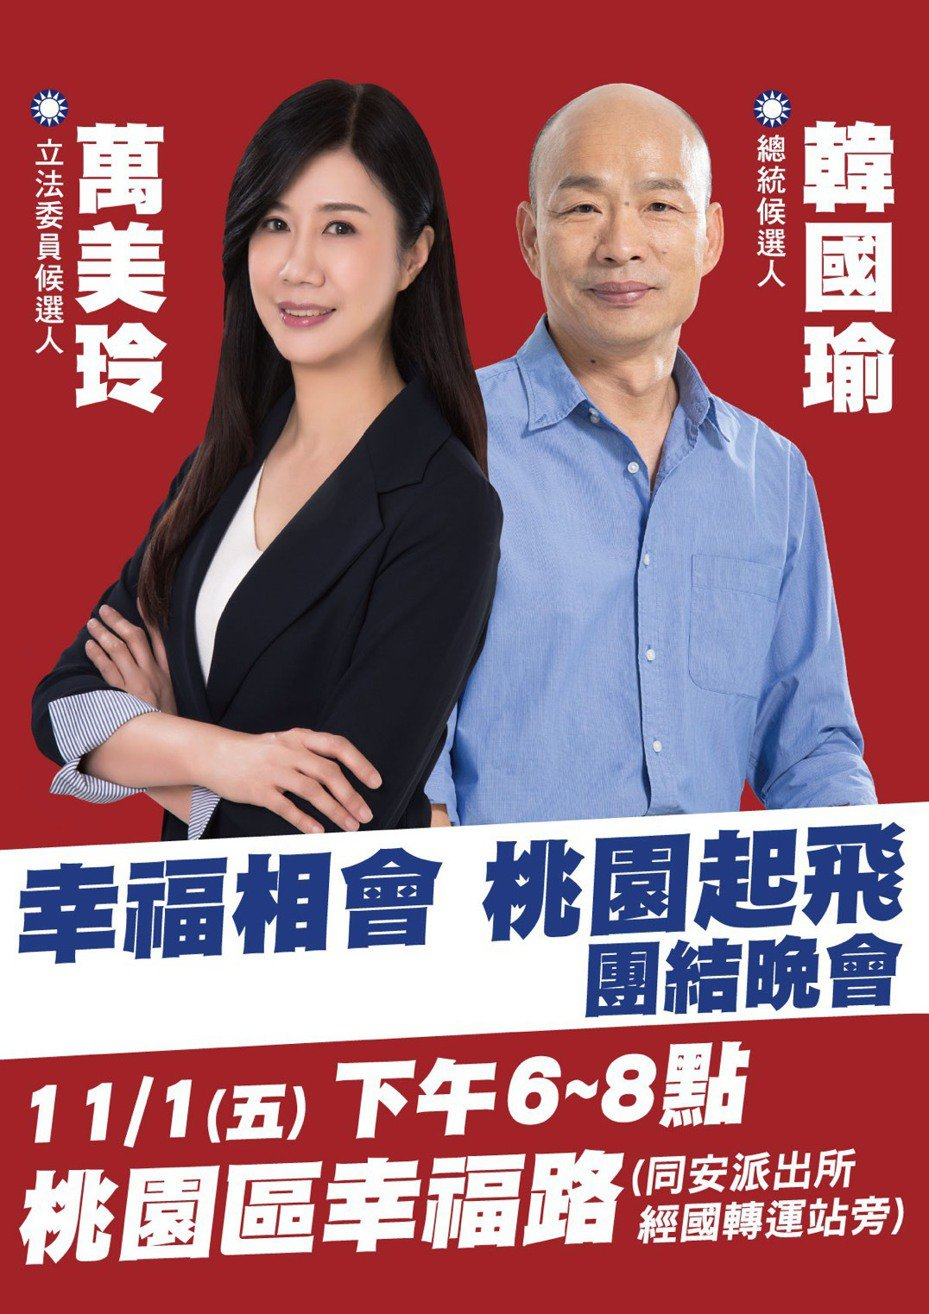 韓國瑜桃園行,立委參選人萬美玲發出11月1日活動邀請。圖/國民黨桃園市黨部提供